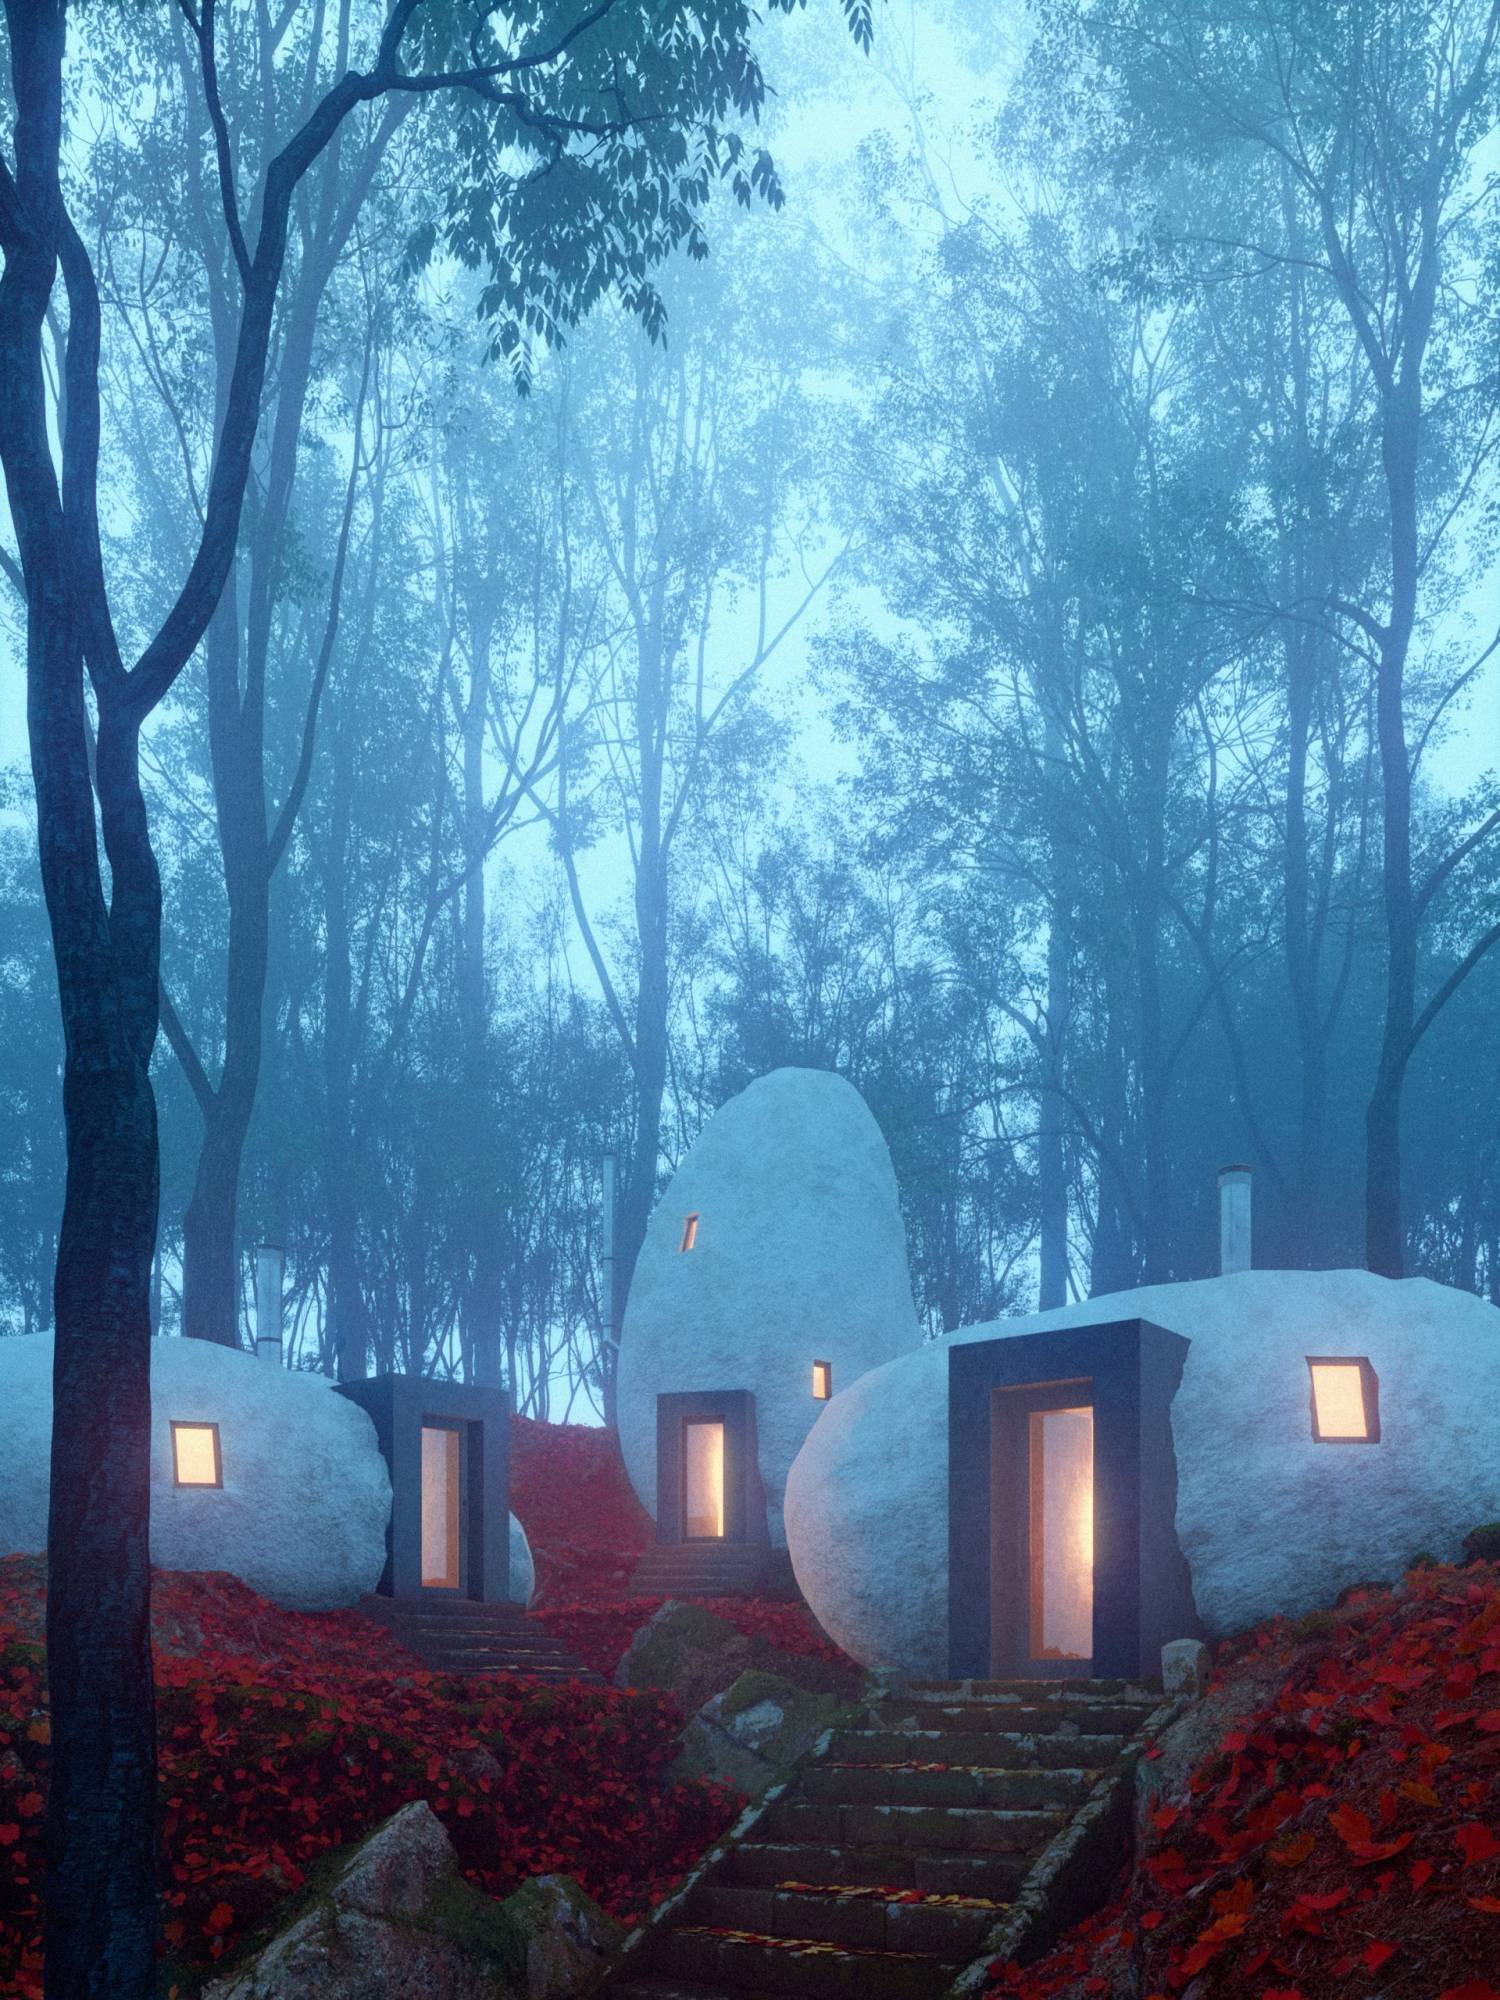 davit y mary jilavyan son los creadores del hotel boutique dolmen shelter 10